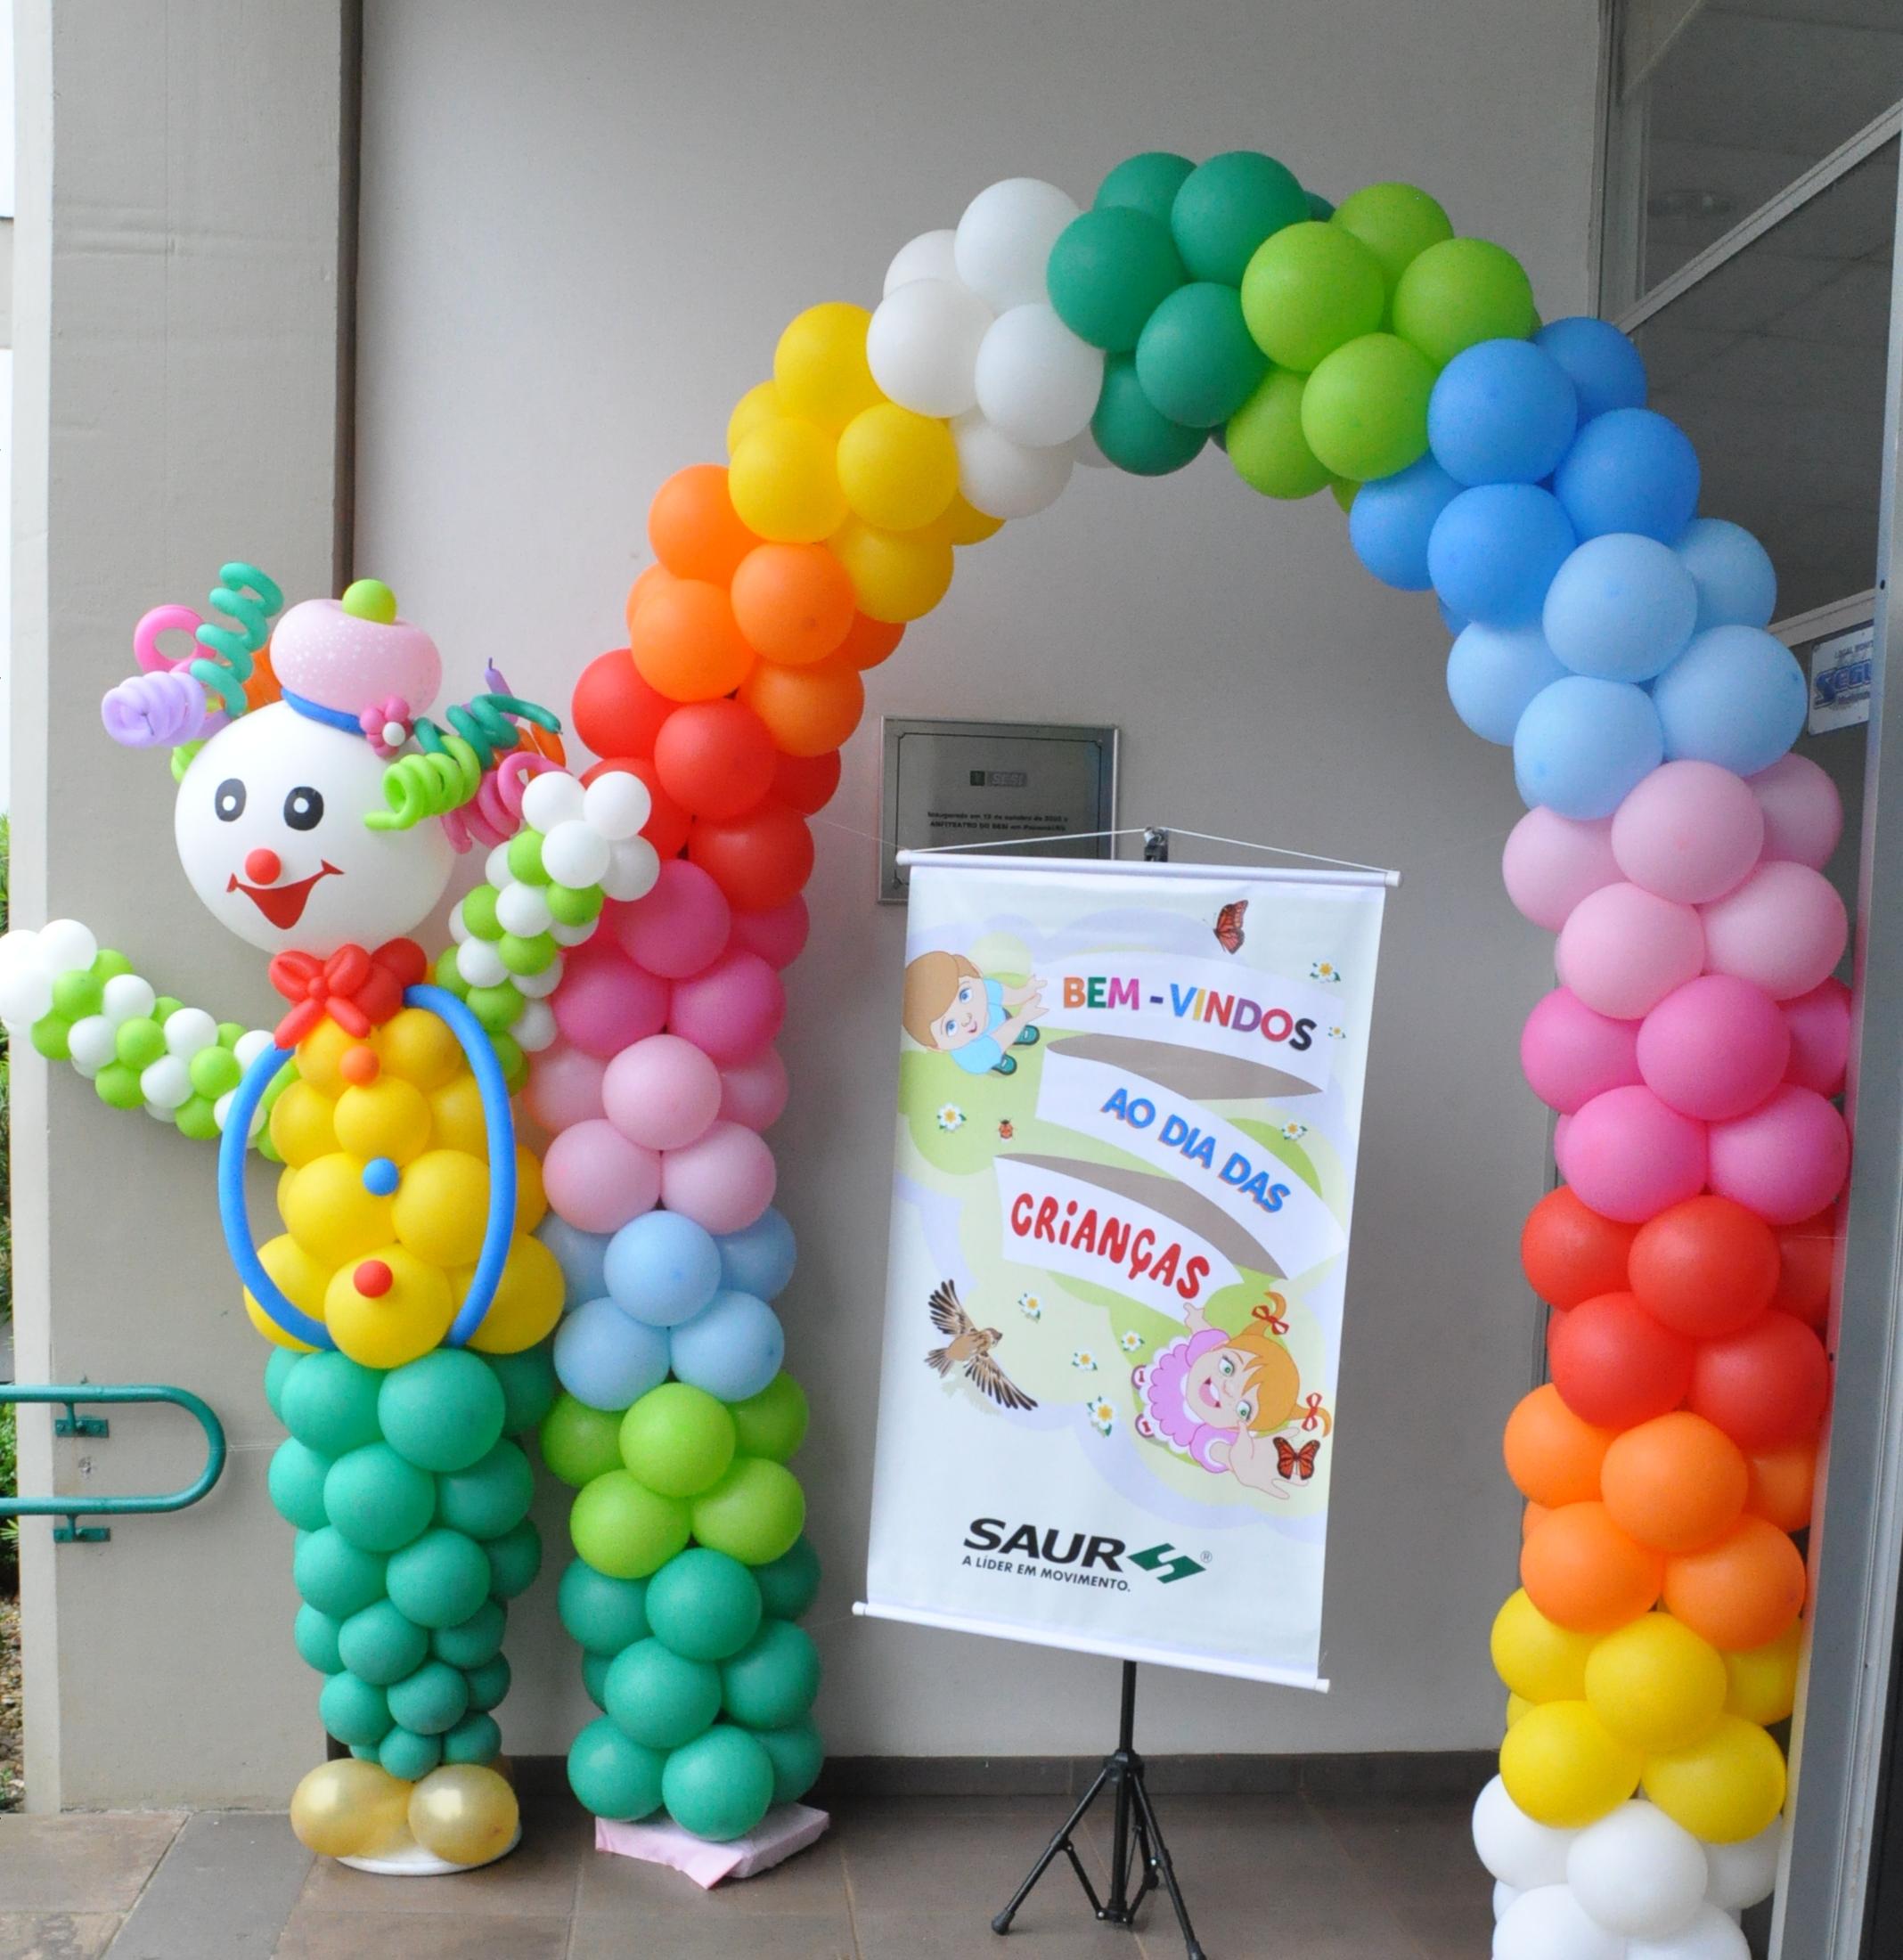 SAUR realiza evento para o Dia das Crianças